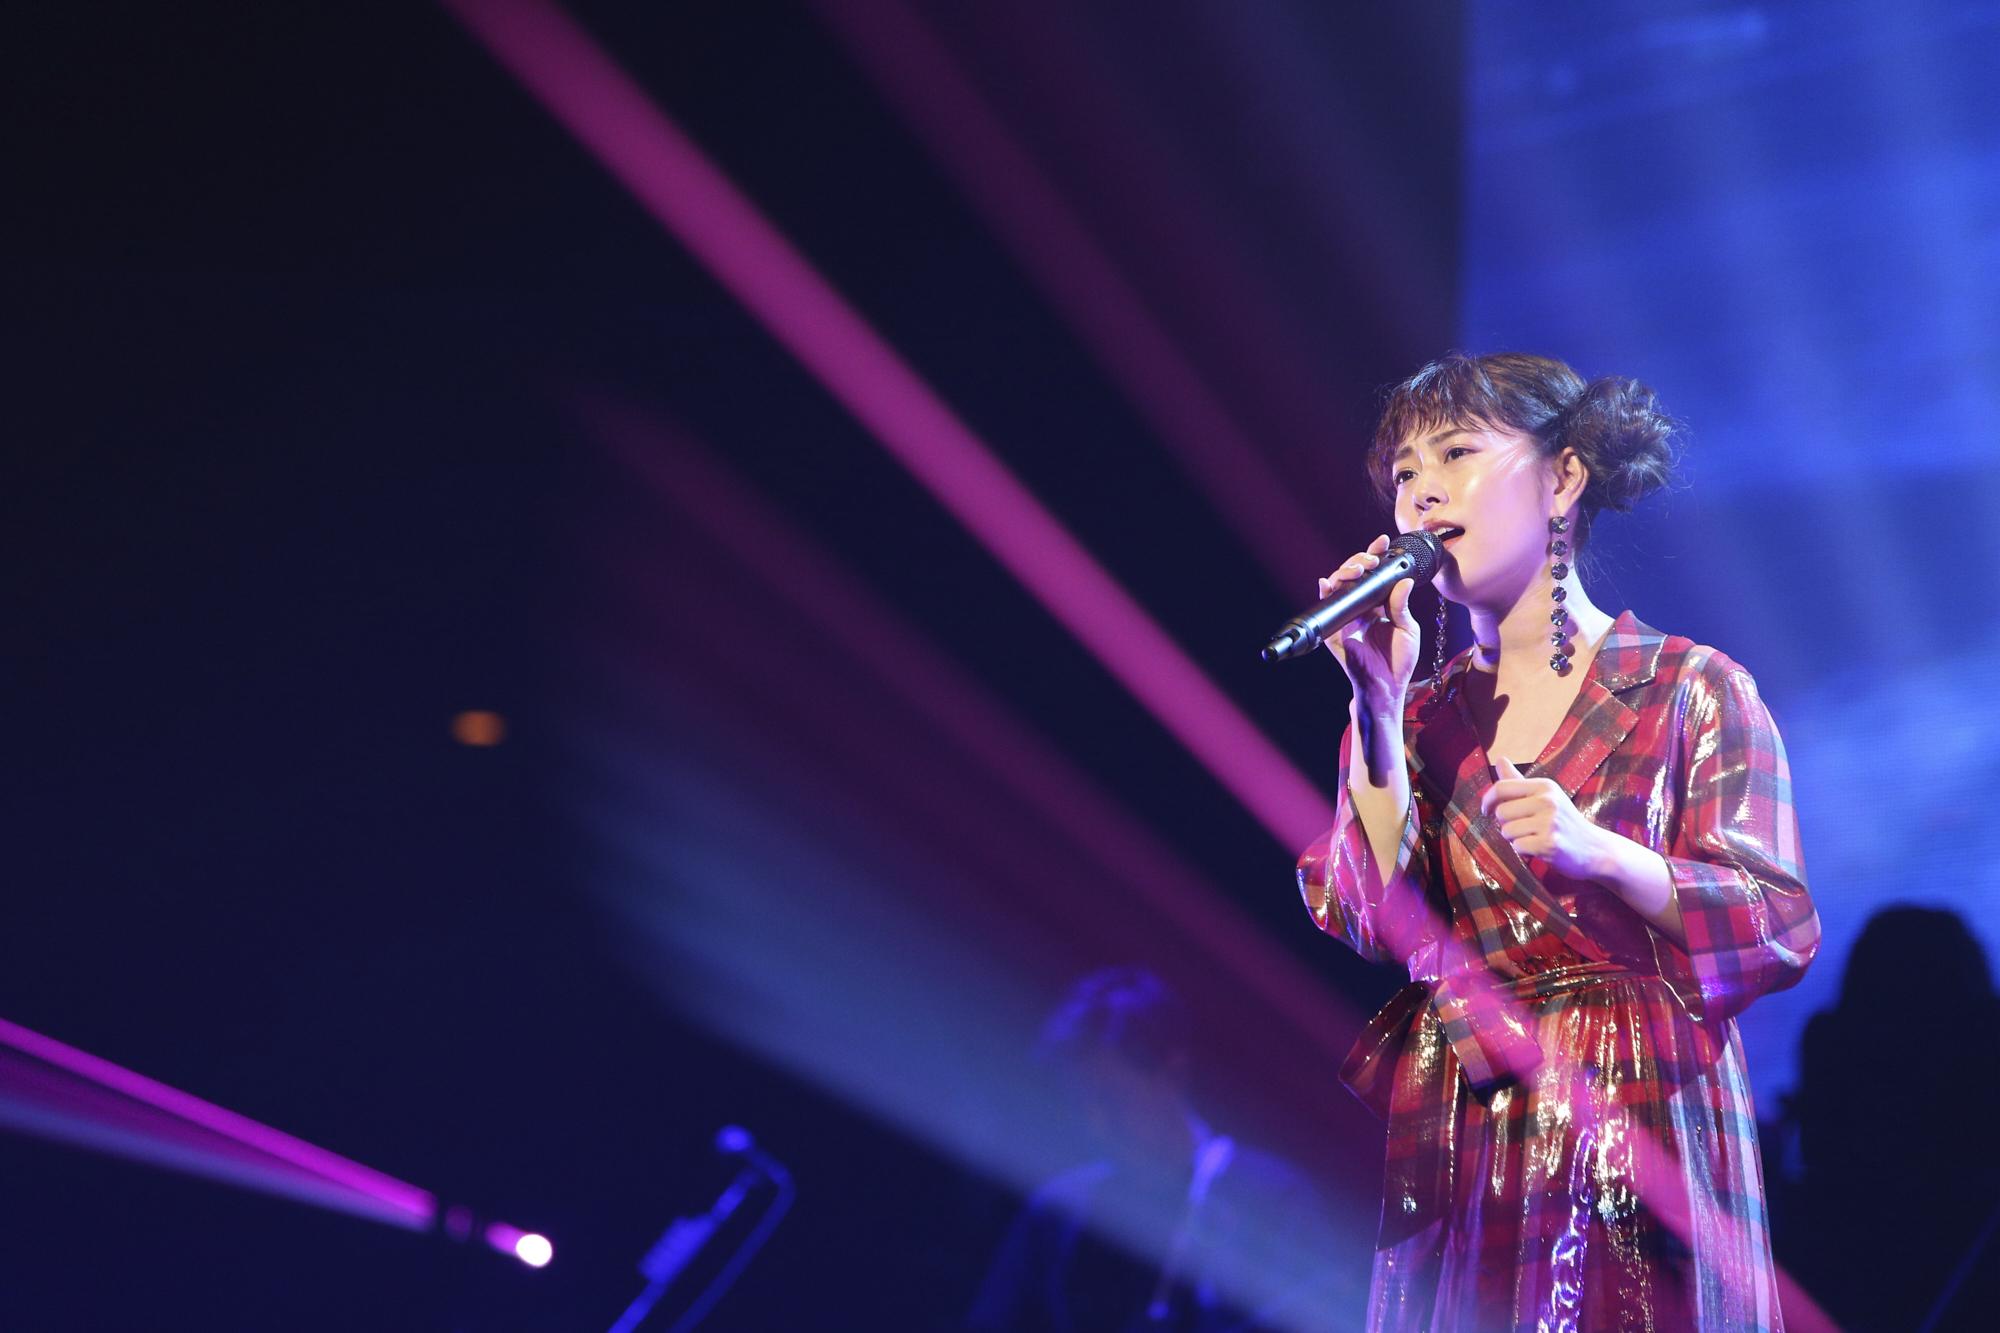 高畑充希『908 FESTIVAL 2018』(撮影:西槇太一&中河原理英)